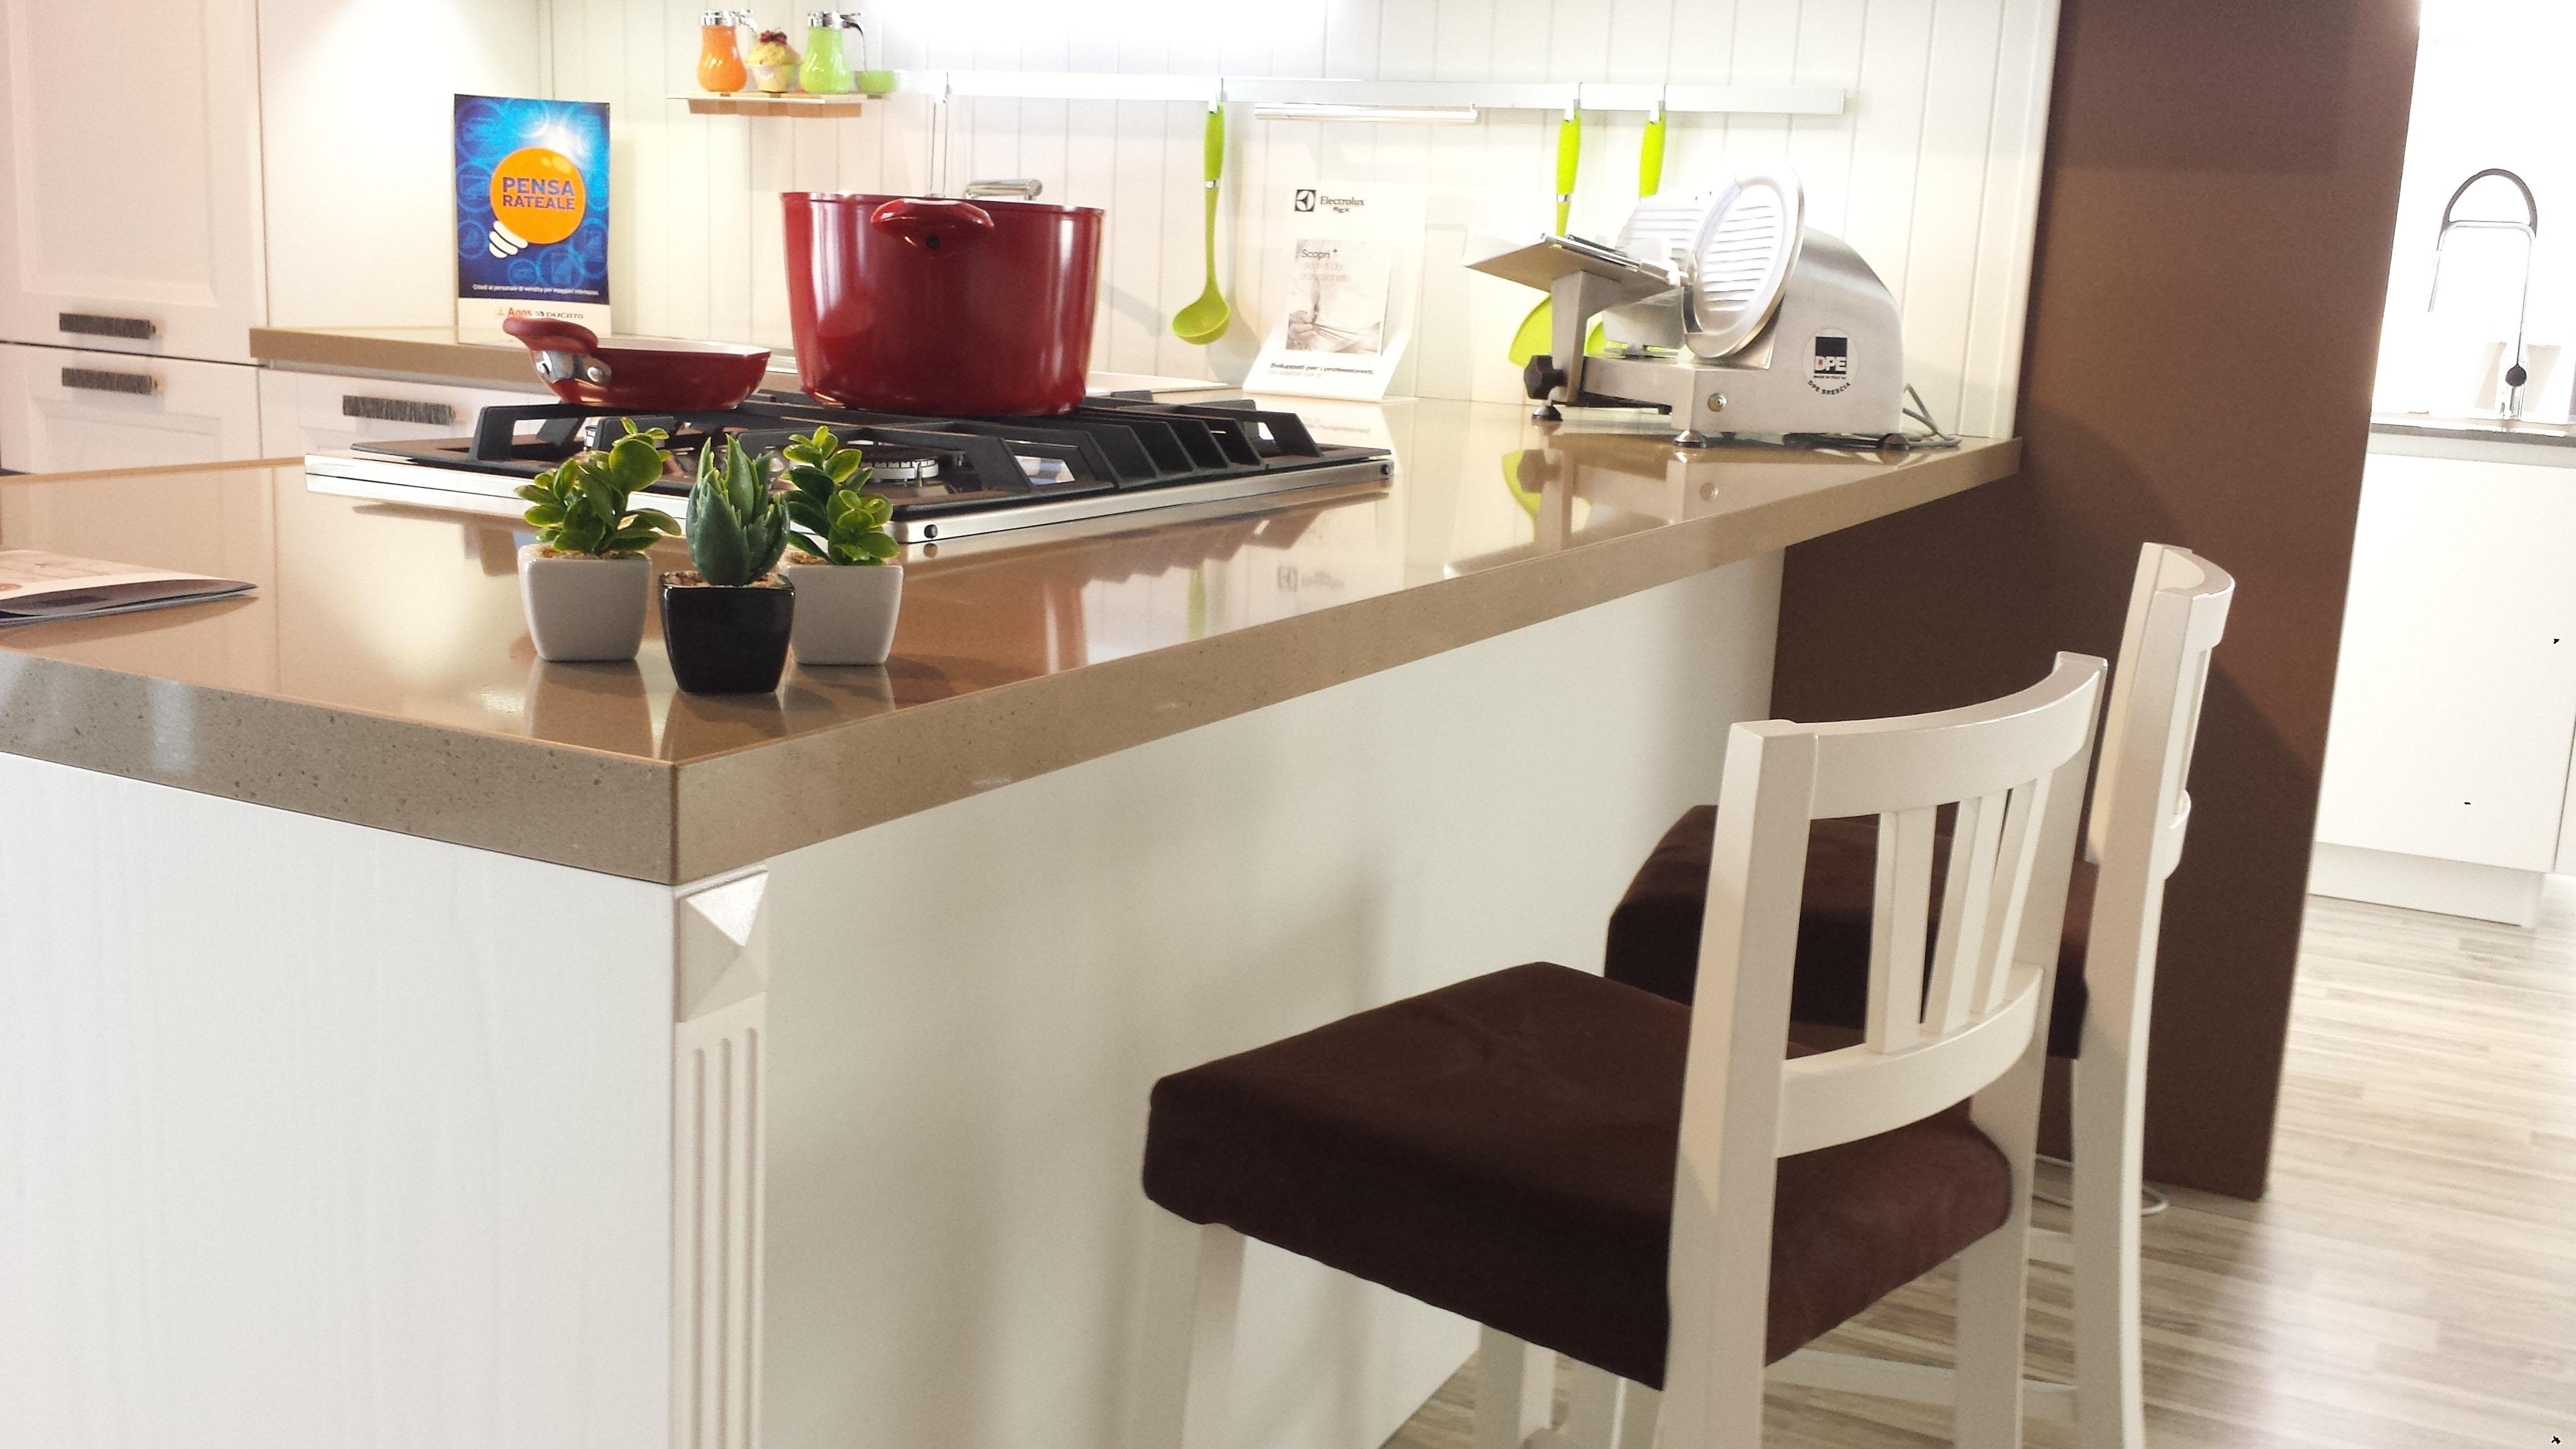 Cucina Stosa BEVERLY in promozione - Cucine a prezzi scontati